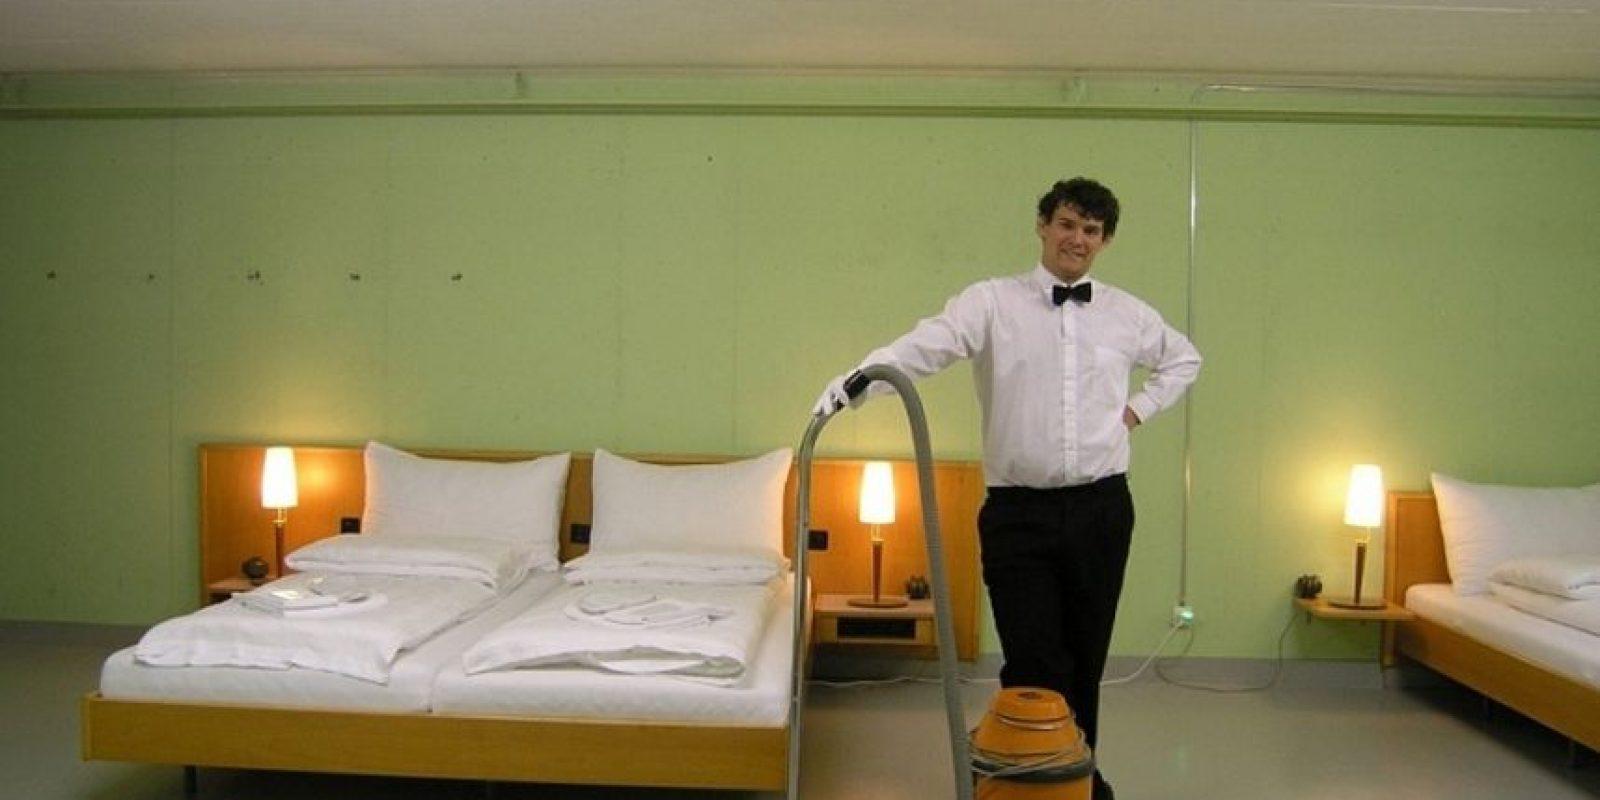 Switzerland's No-Star Hotel Foto:null-stern-hotel.ch